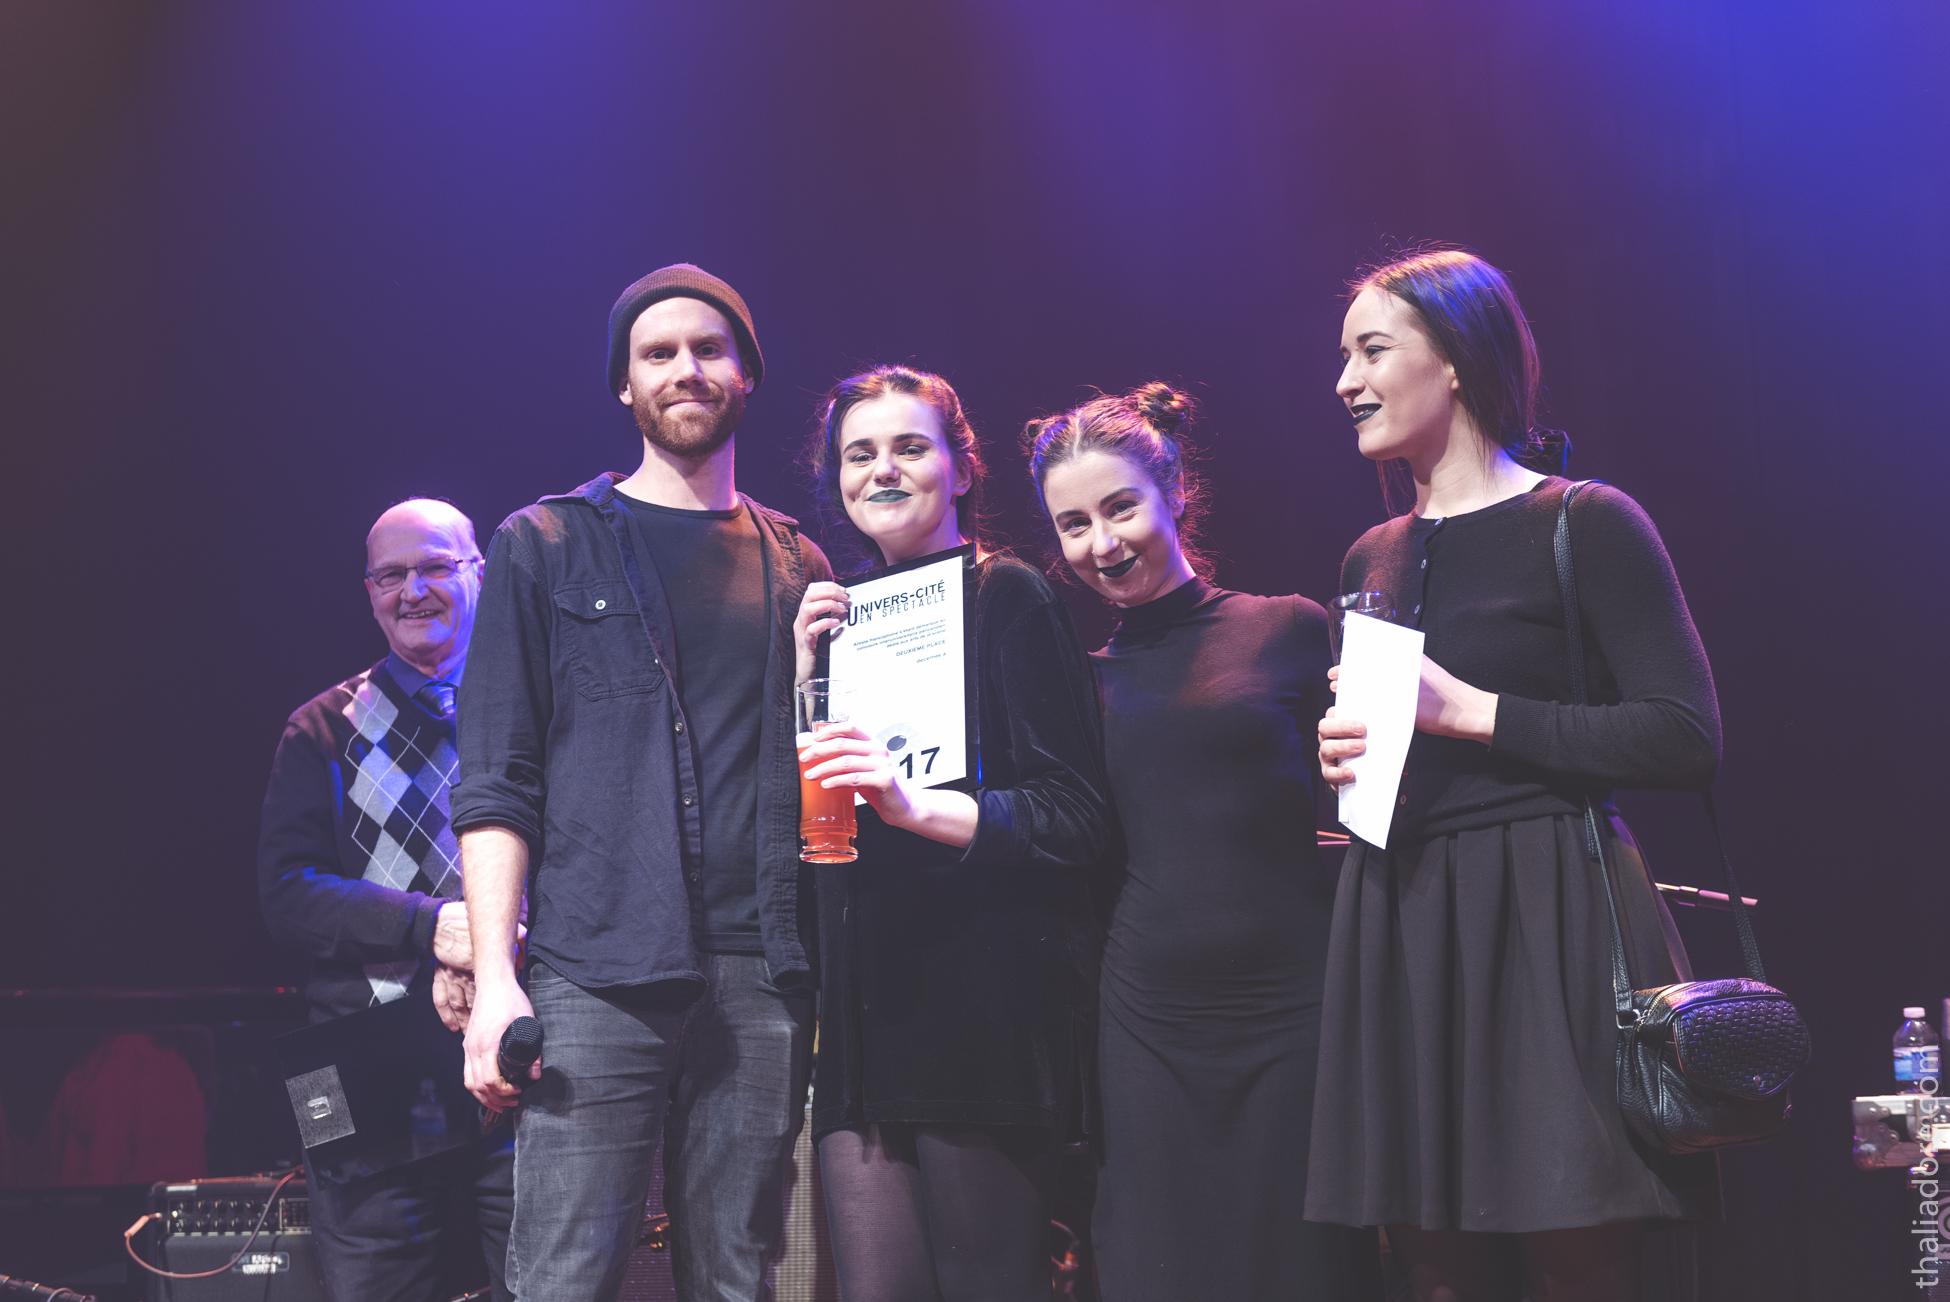 Amande (Rebecca Leclerc, Alexandrine Rodrigue et Joséphine Simard) en compagnie de Jean-Étienne Marcoux et Gérard Latulippe, membres du jury